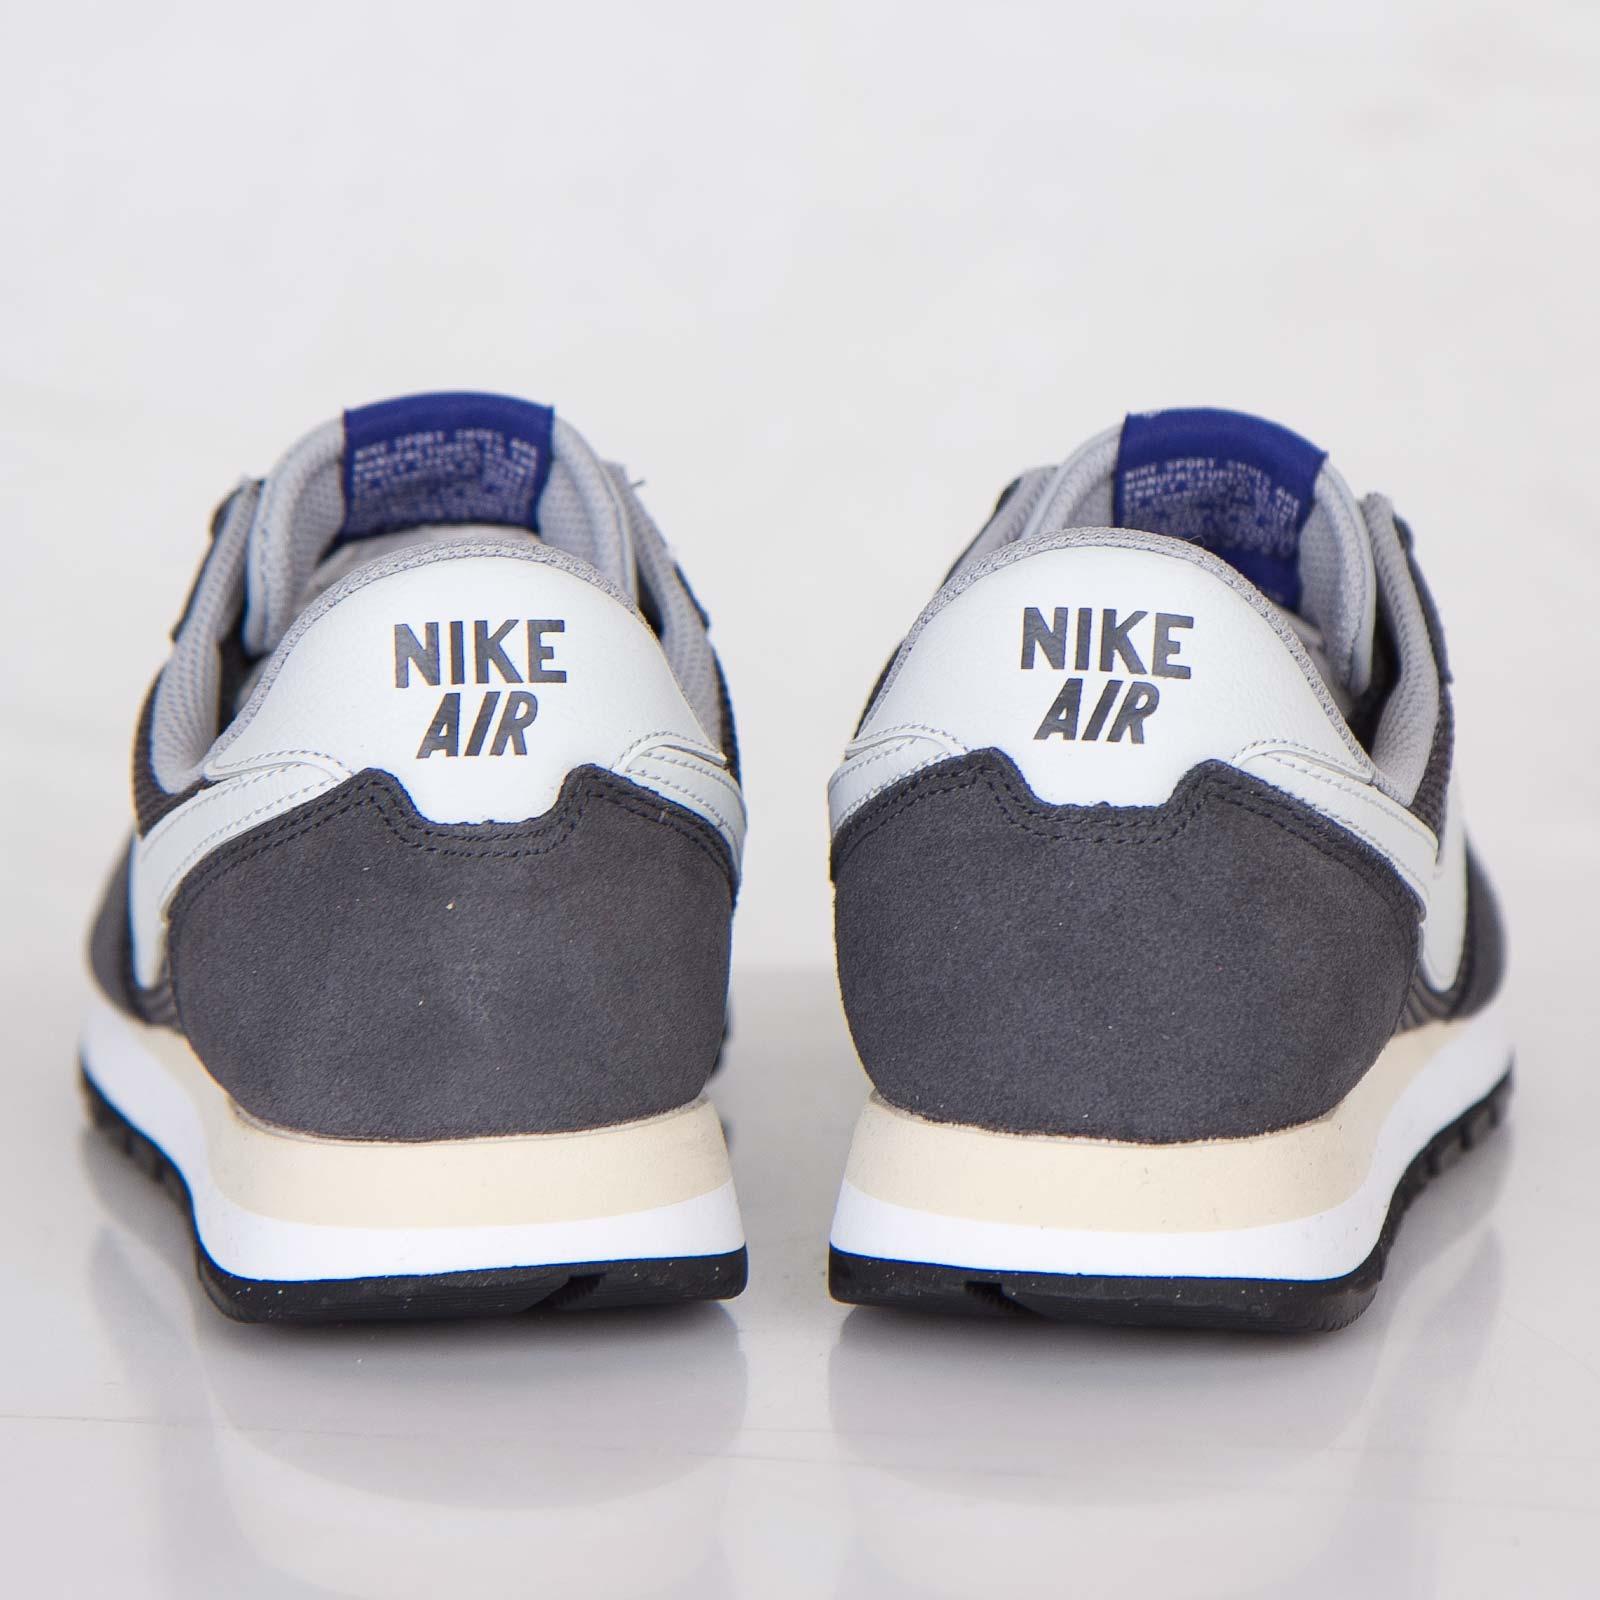 69d41d81b21 Nike Air Pegasus 83 - 599124-001 - Sneakersnstuff